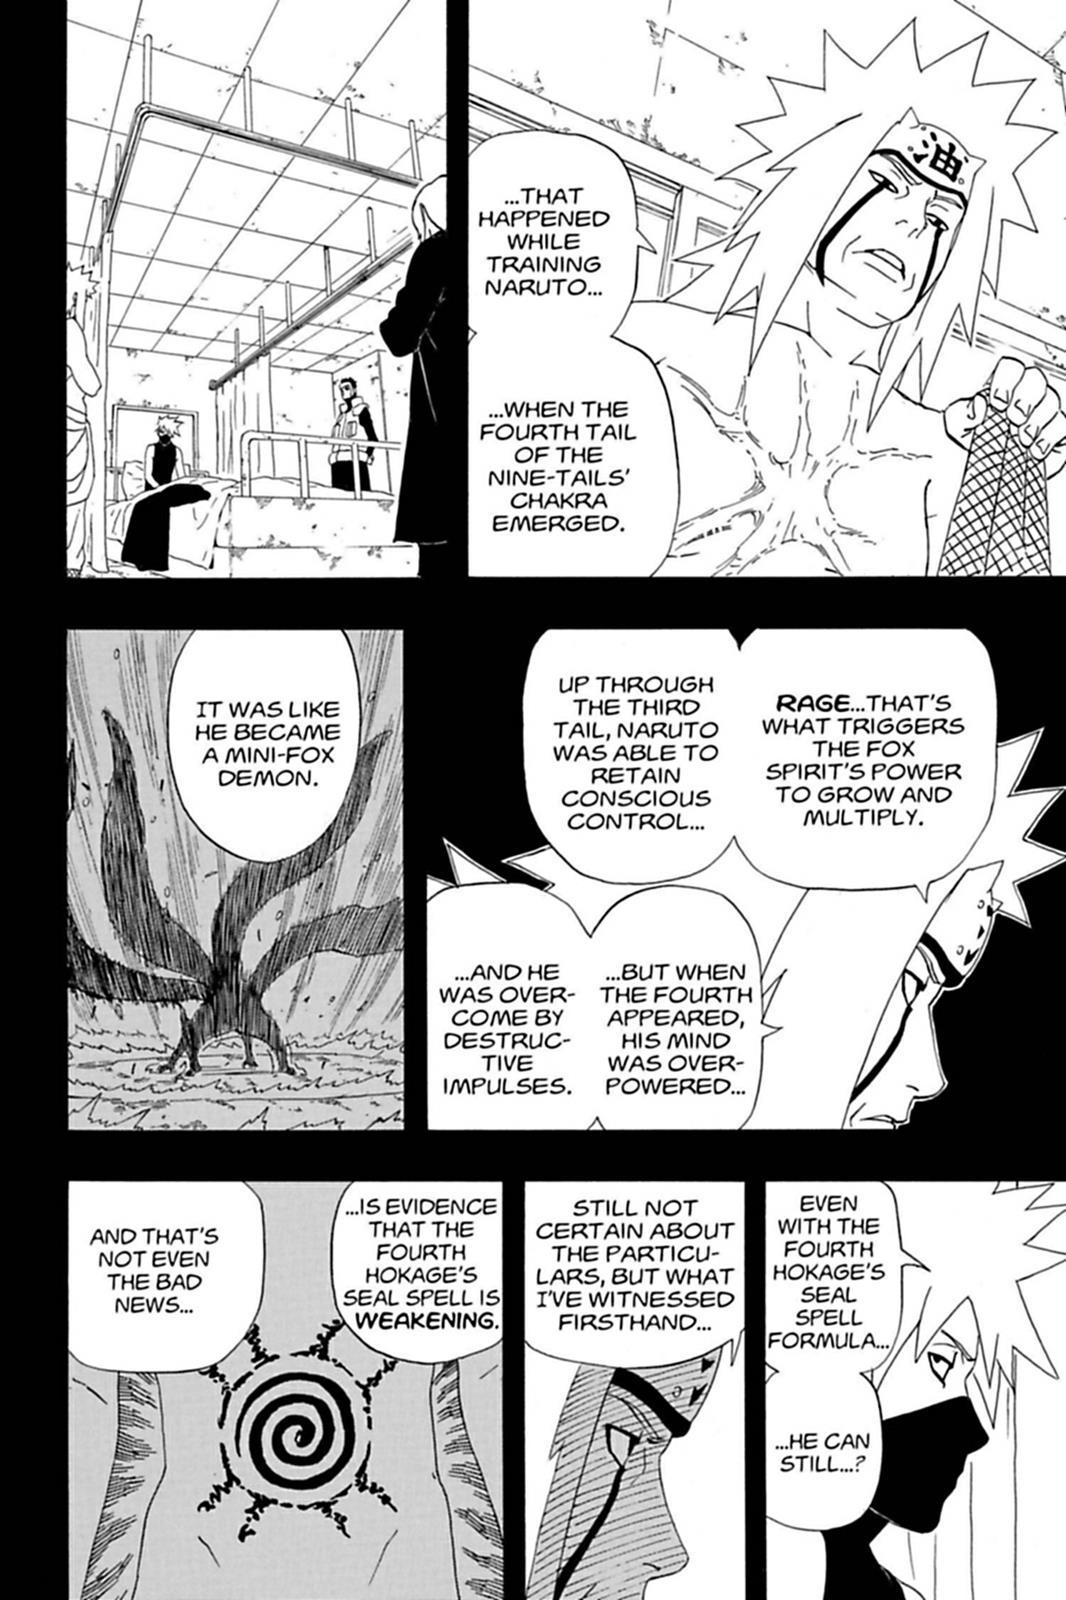 Mais poderoso do que você imagina #1: Orochimaru 0291-009